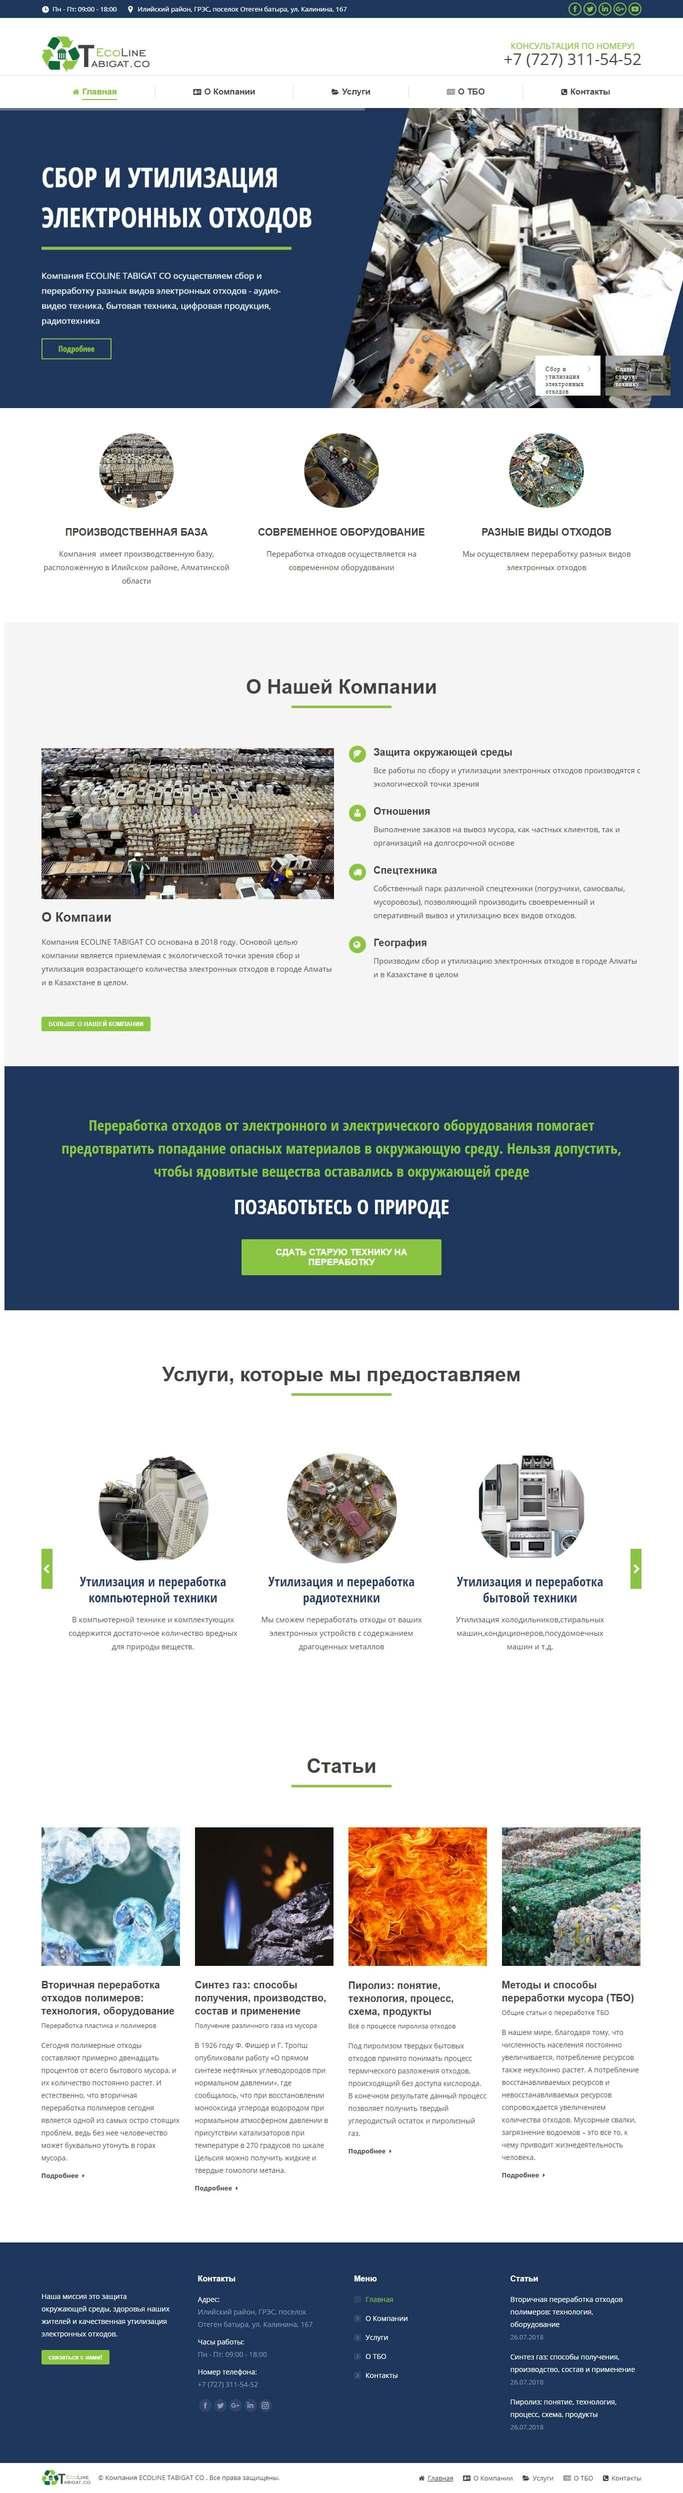 Корпоративный сайт по утилизации отходов